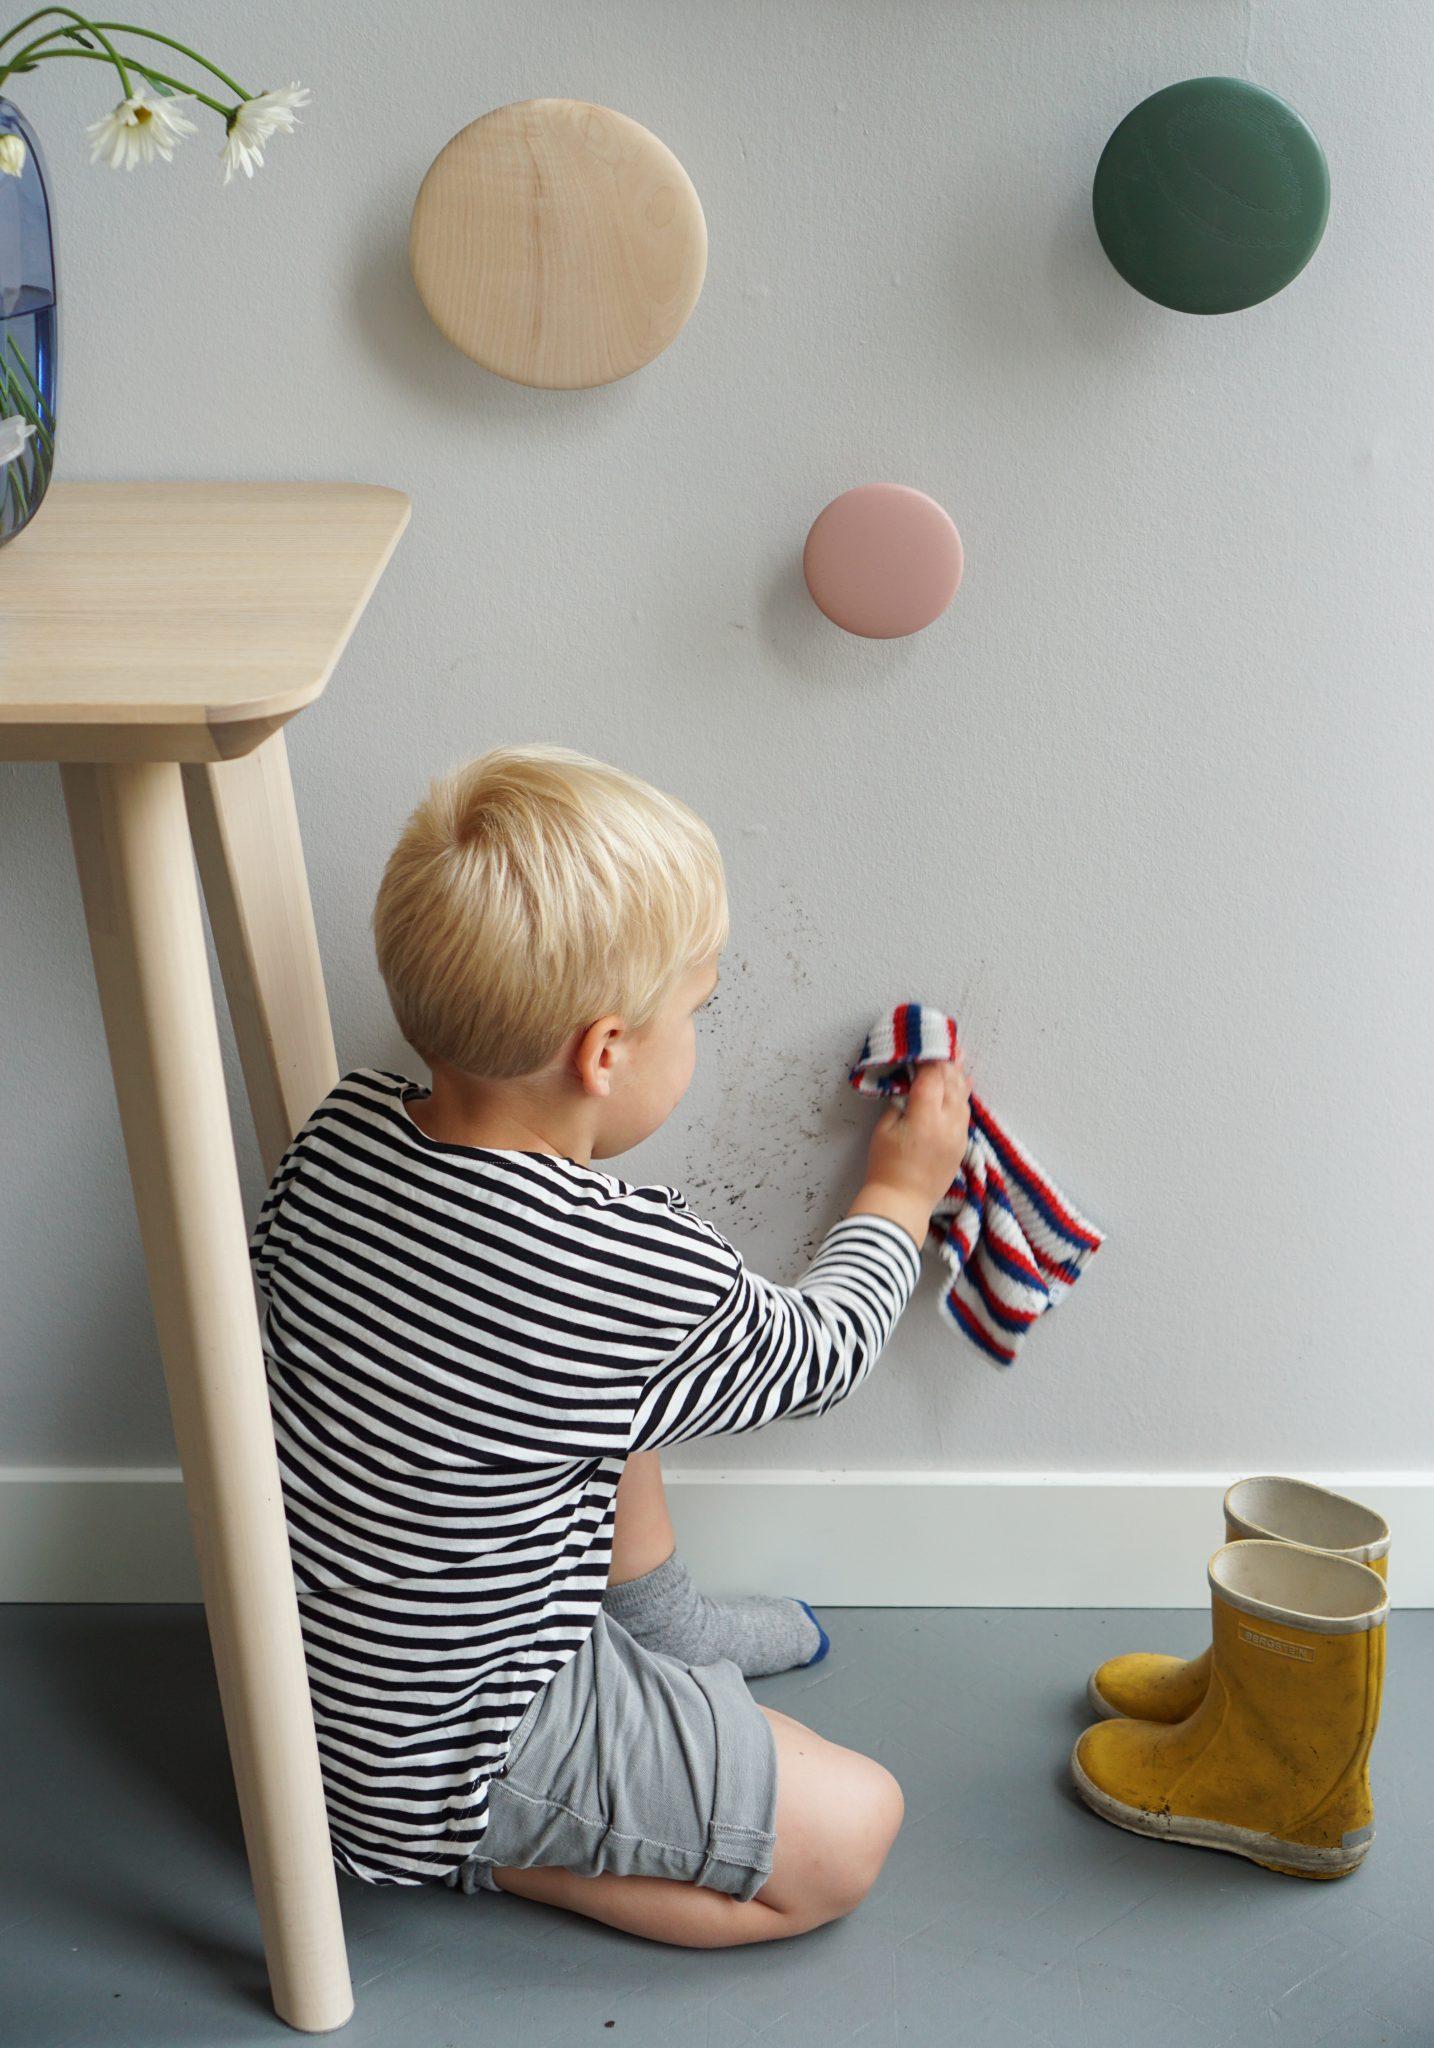 schoonmaken muurverf